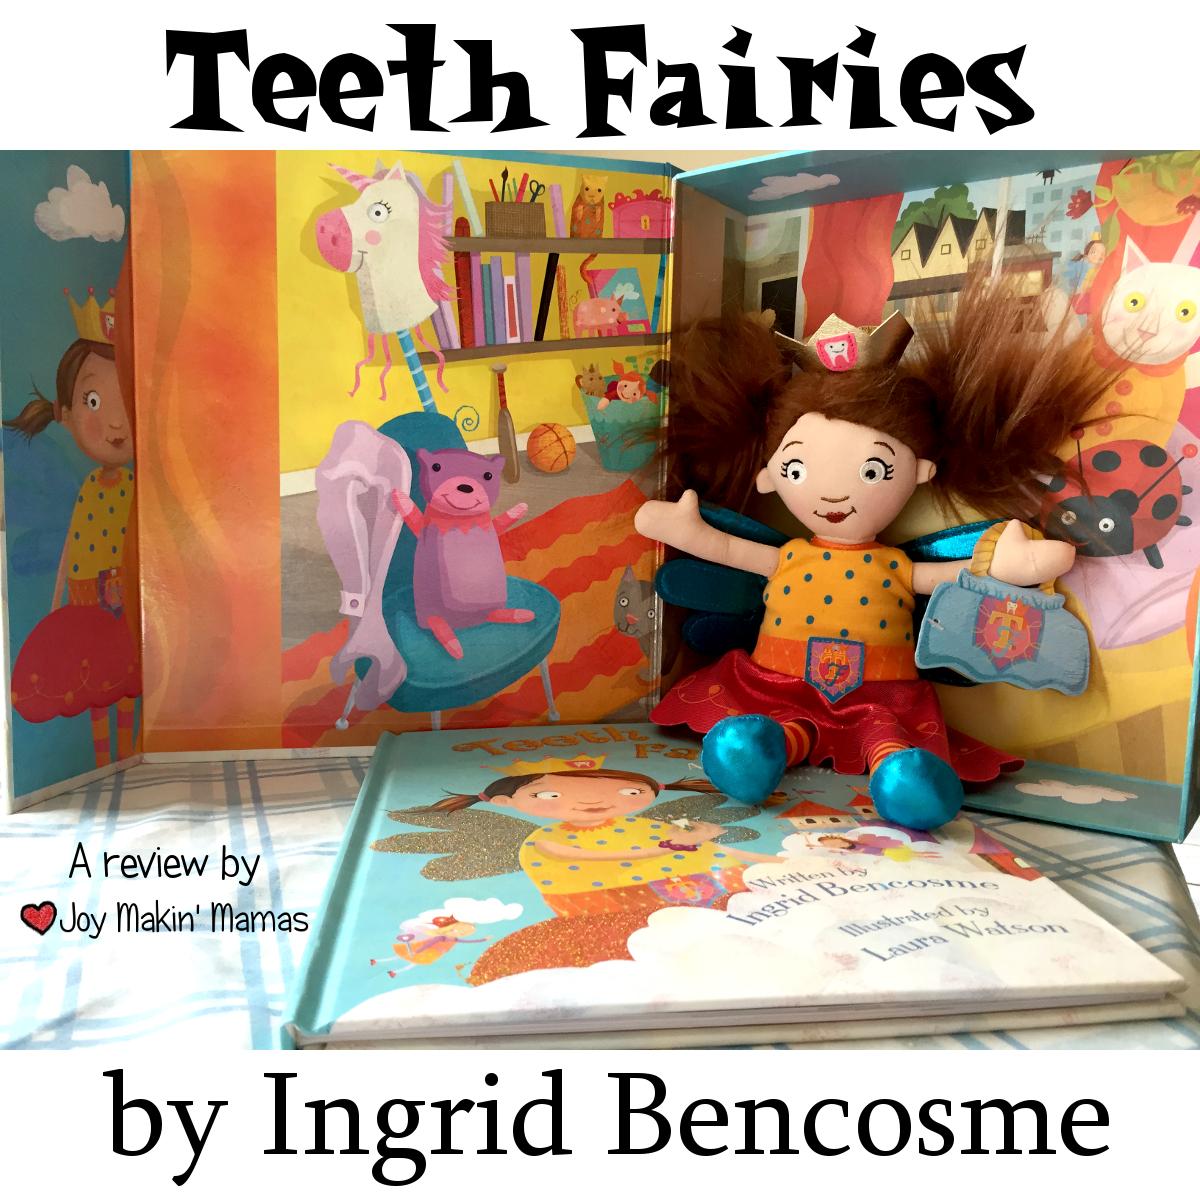 Teeth Fairies by Ingrid Bencosme horizontal